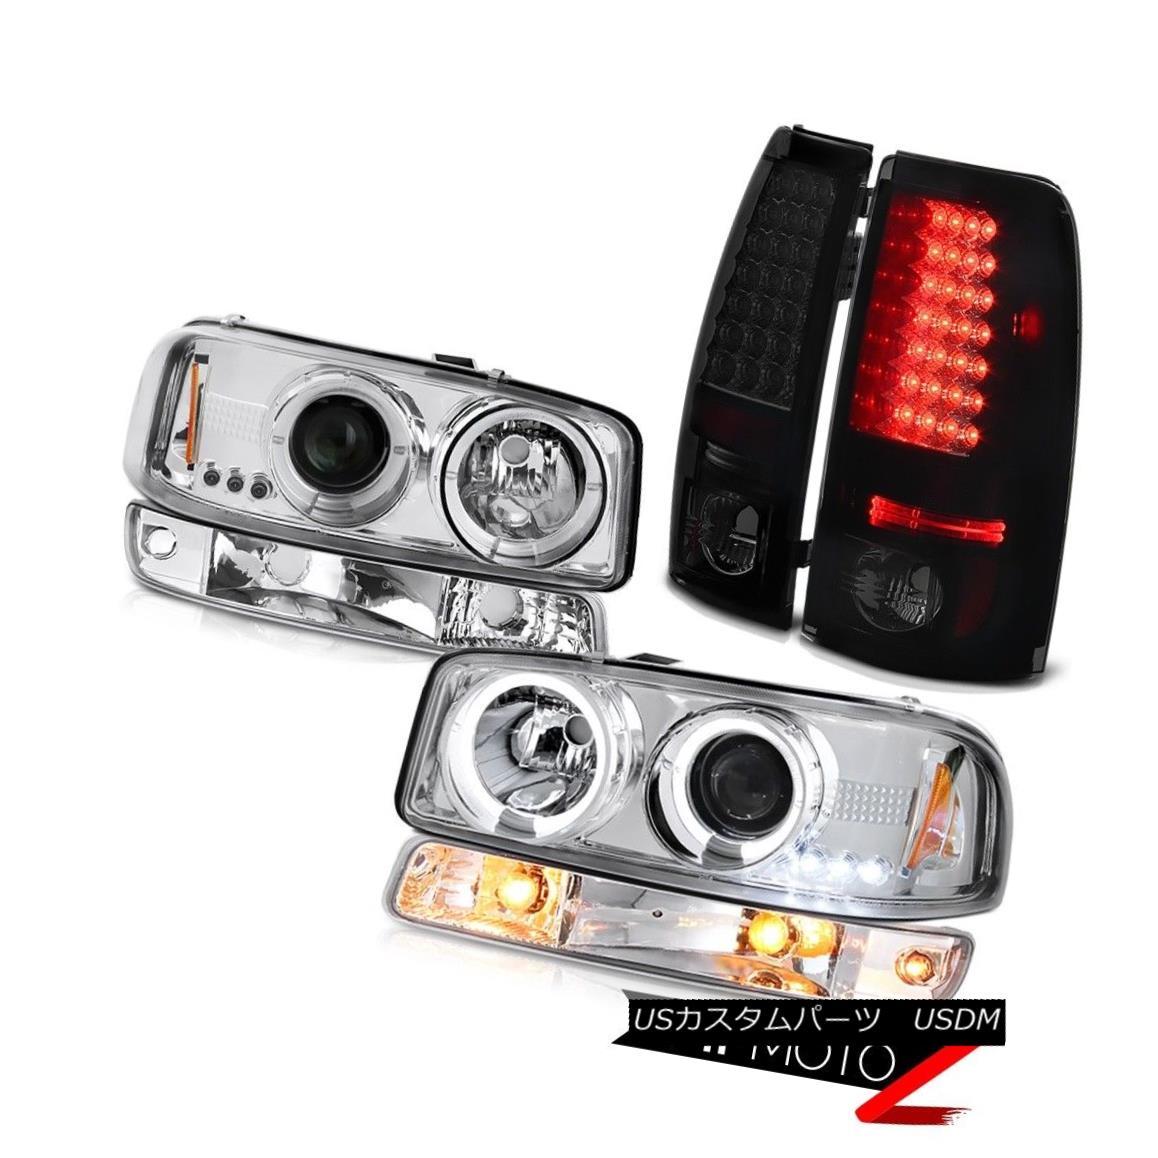 ヘッドライト 1999-2006 Sierra SLT Smoke tinted taillights euro chrome parking lamp headlamps 1999 - 2006年シエラSLT煙が発色したテールライトユーロクロームパーキングランプヘッドライト